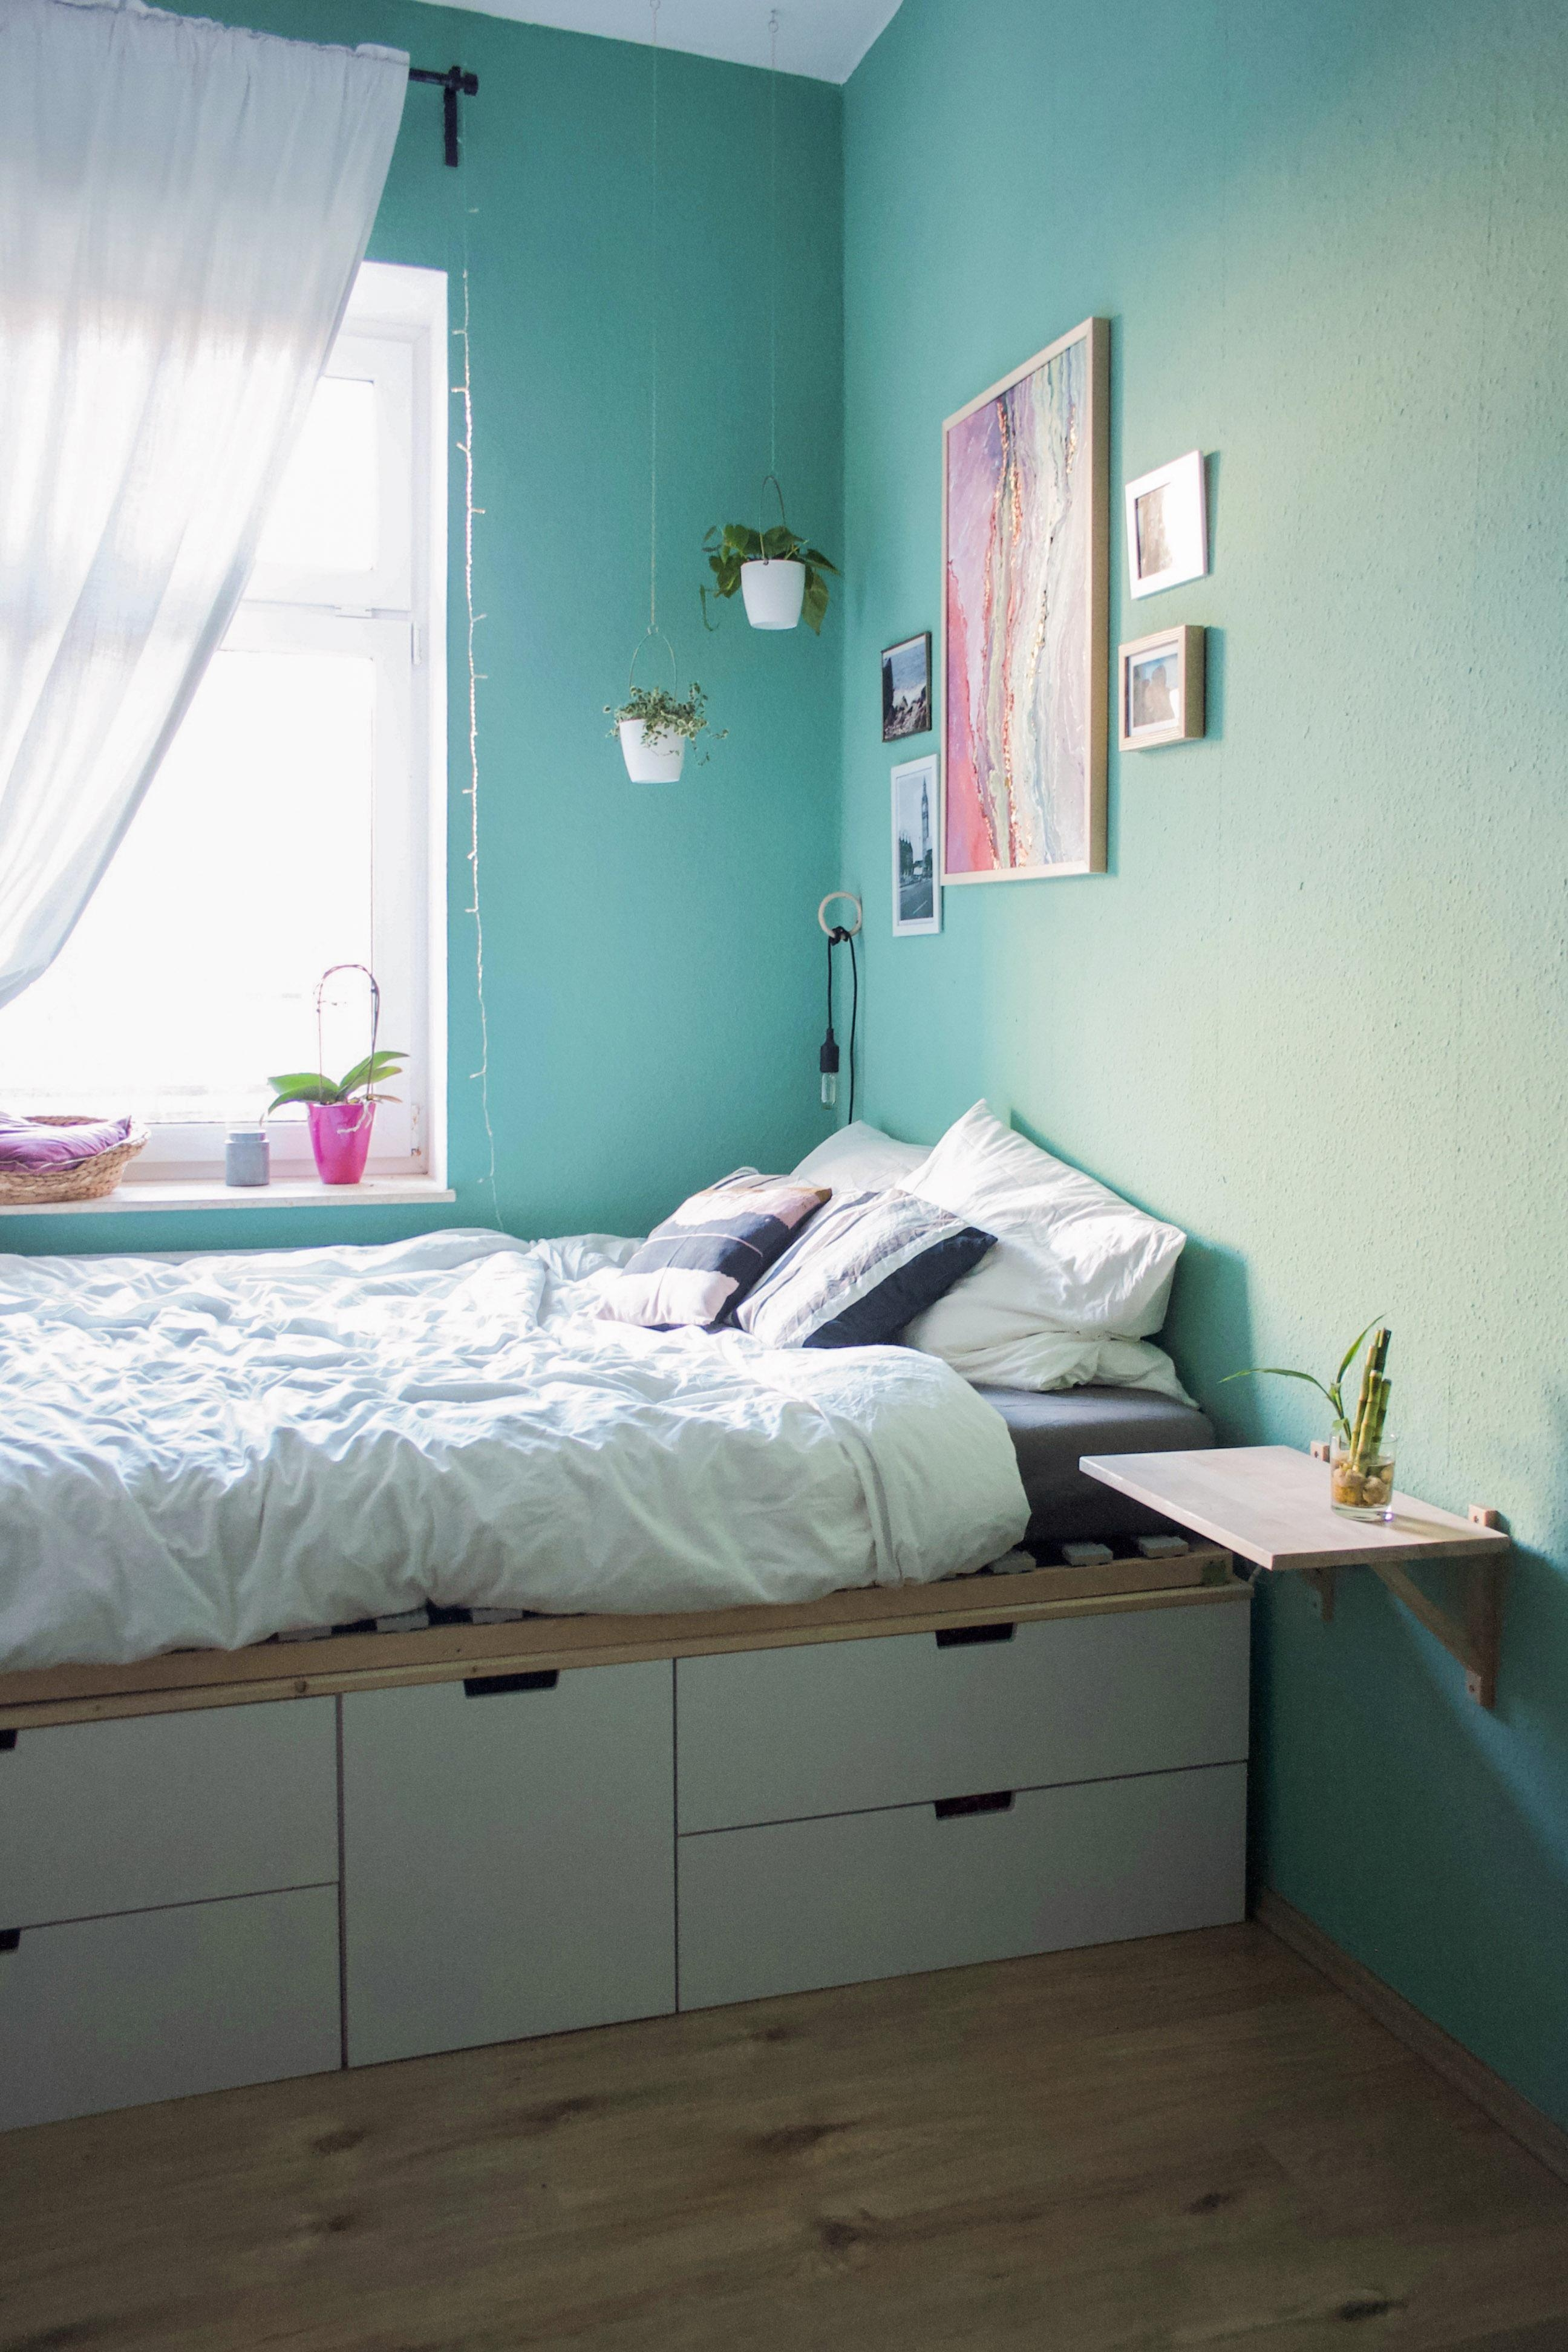 Kleine Räume Größer Machen So Geht S